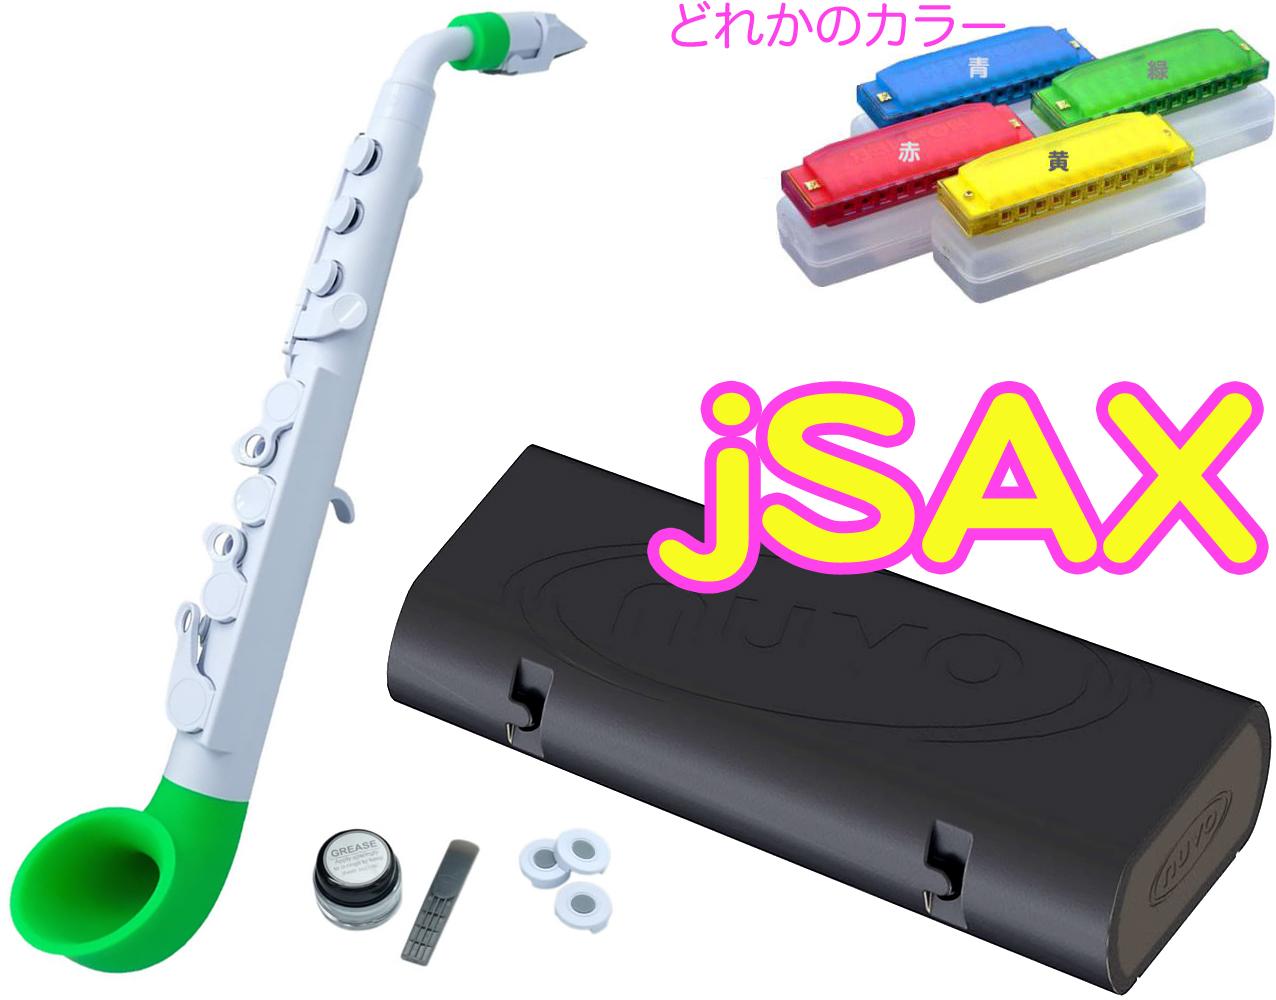 NUVO ( ヌーボ ) jSAX ホワイト グリーン N510JWGN プラスチック製 管楽器 サックス系 リード楽器 本体 サクソフォン 白色 緑色 Green 【 jサックス WH/GN セット A】